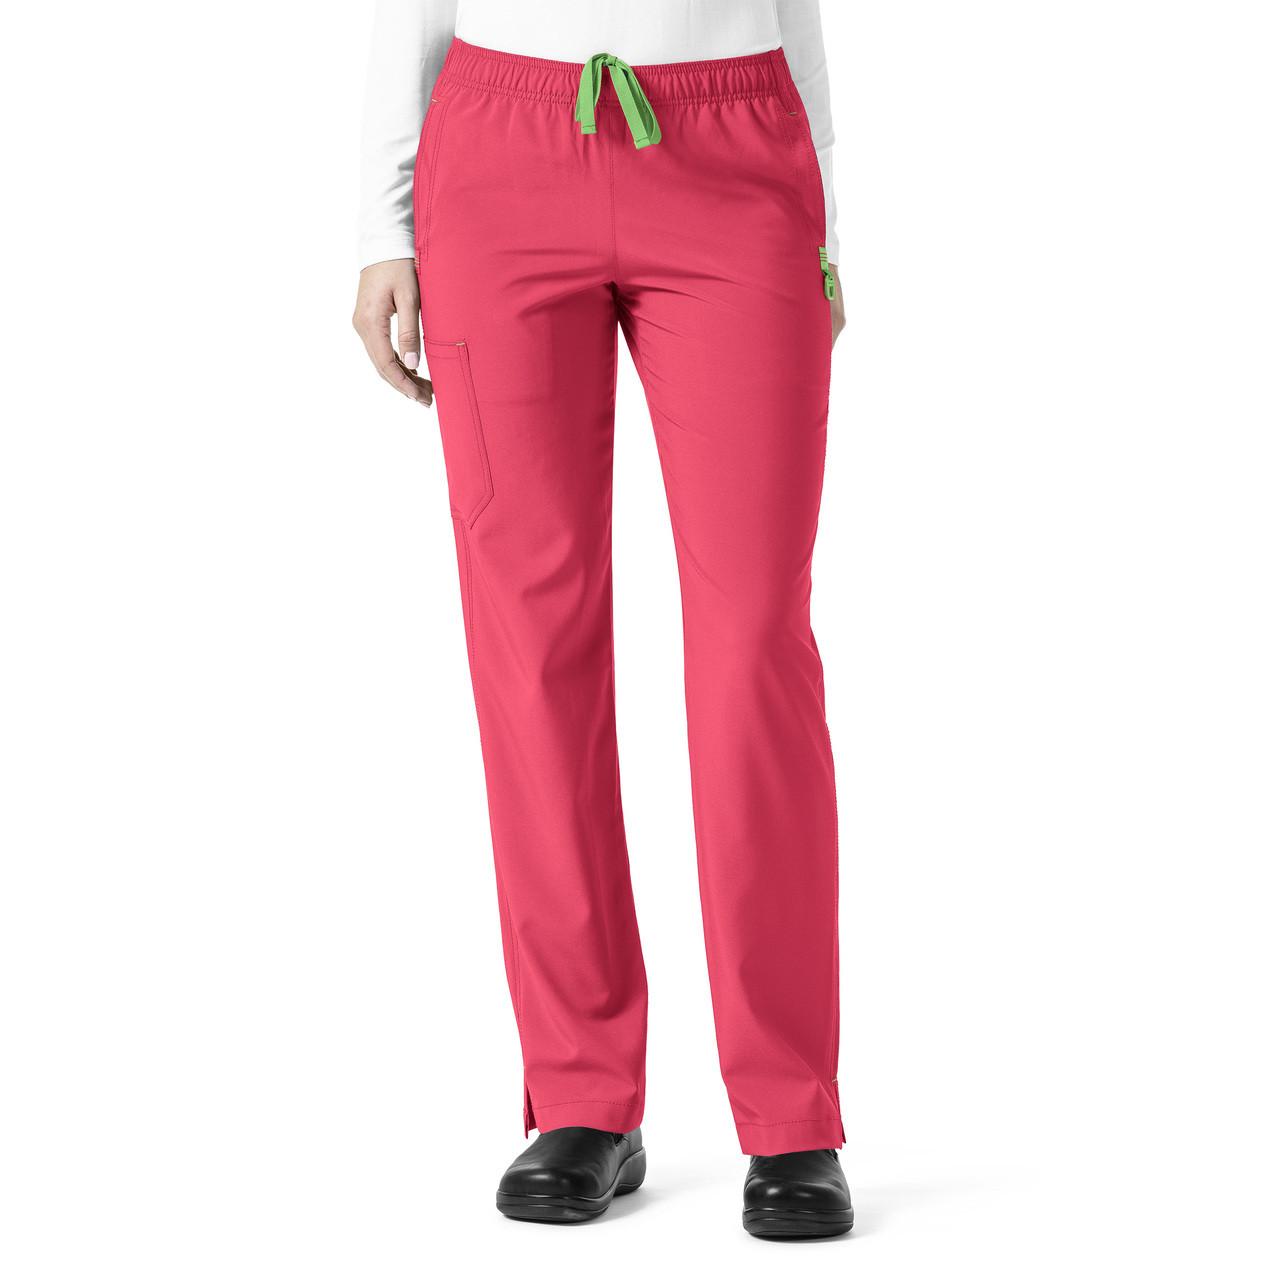 (C52510P) Carhartt Cross-Flex Full Elastic Slim Leg Scrub Pant (Petite)